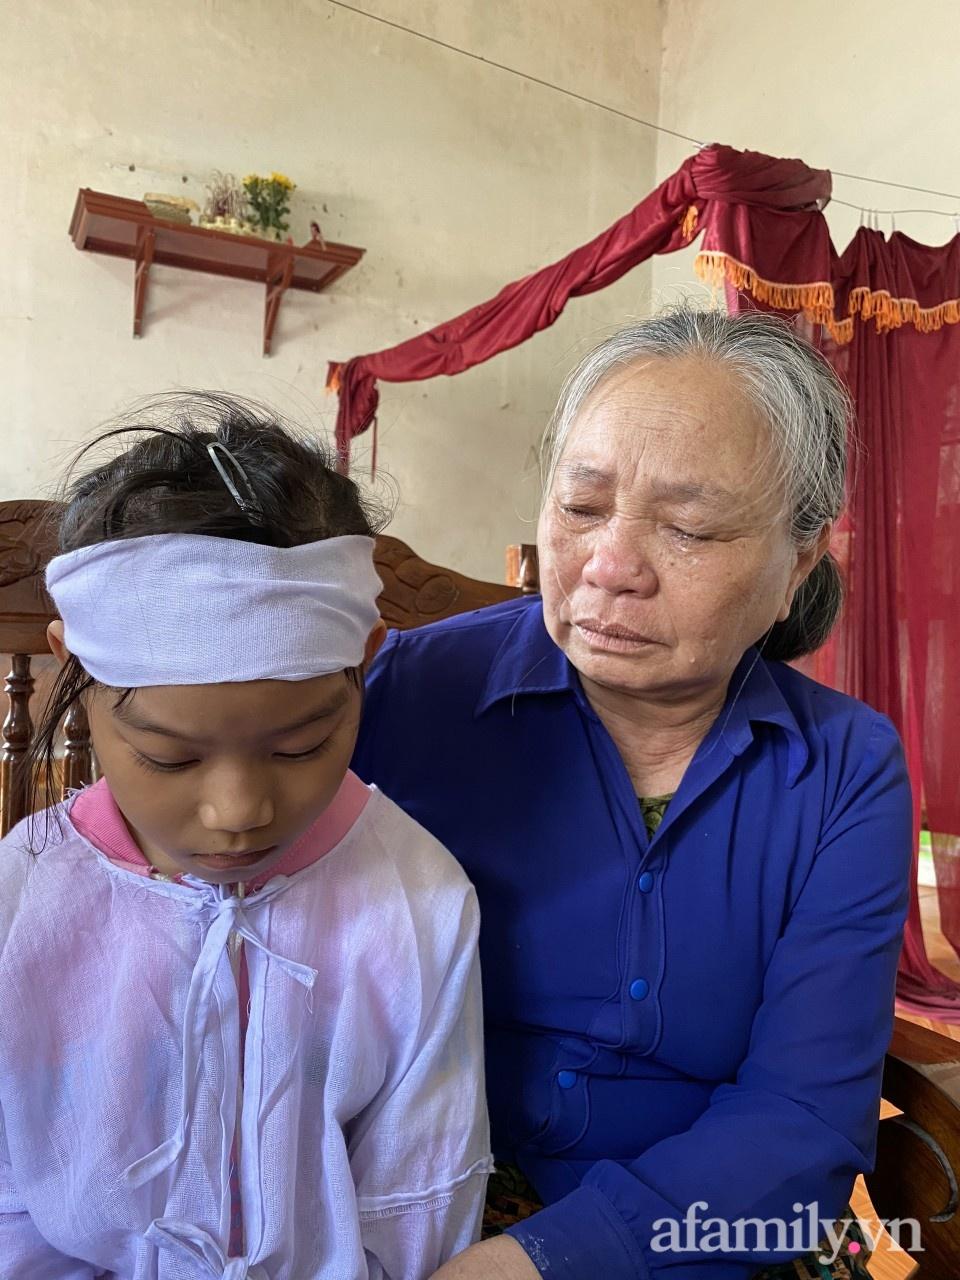 Mẹ bỏ đi biền biệt gần 10 năm, bố đột ngột qua đời, thiếu nữ 17 tuổi vừa làm mẹ đơn thân vừa nuôi 2 đứa em thơ dại - Ảnh 2.